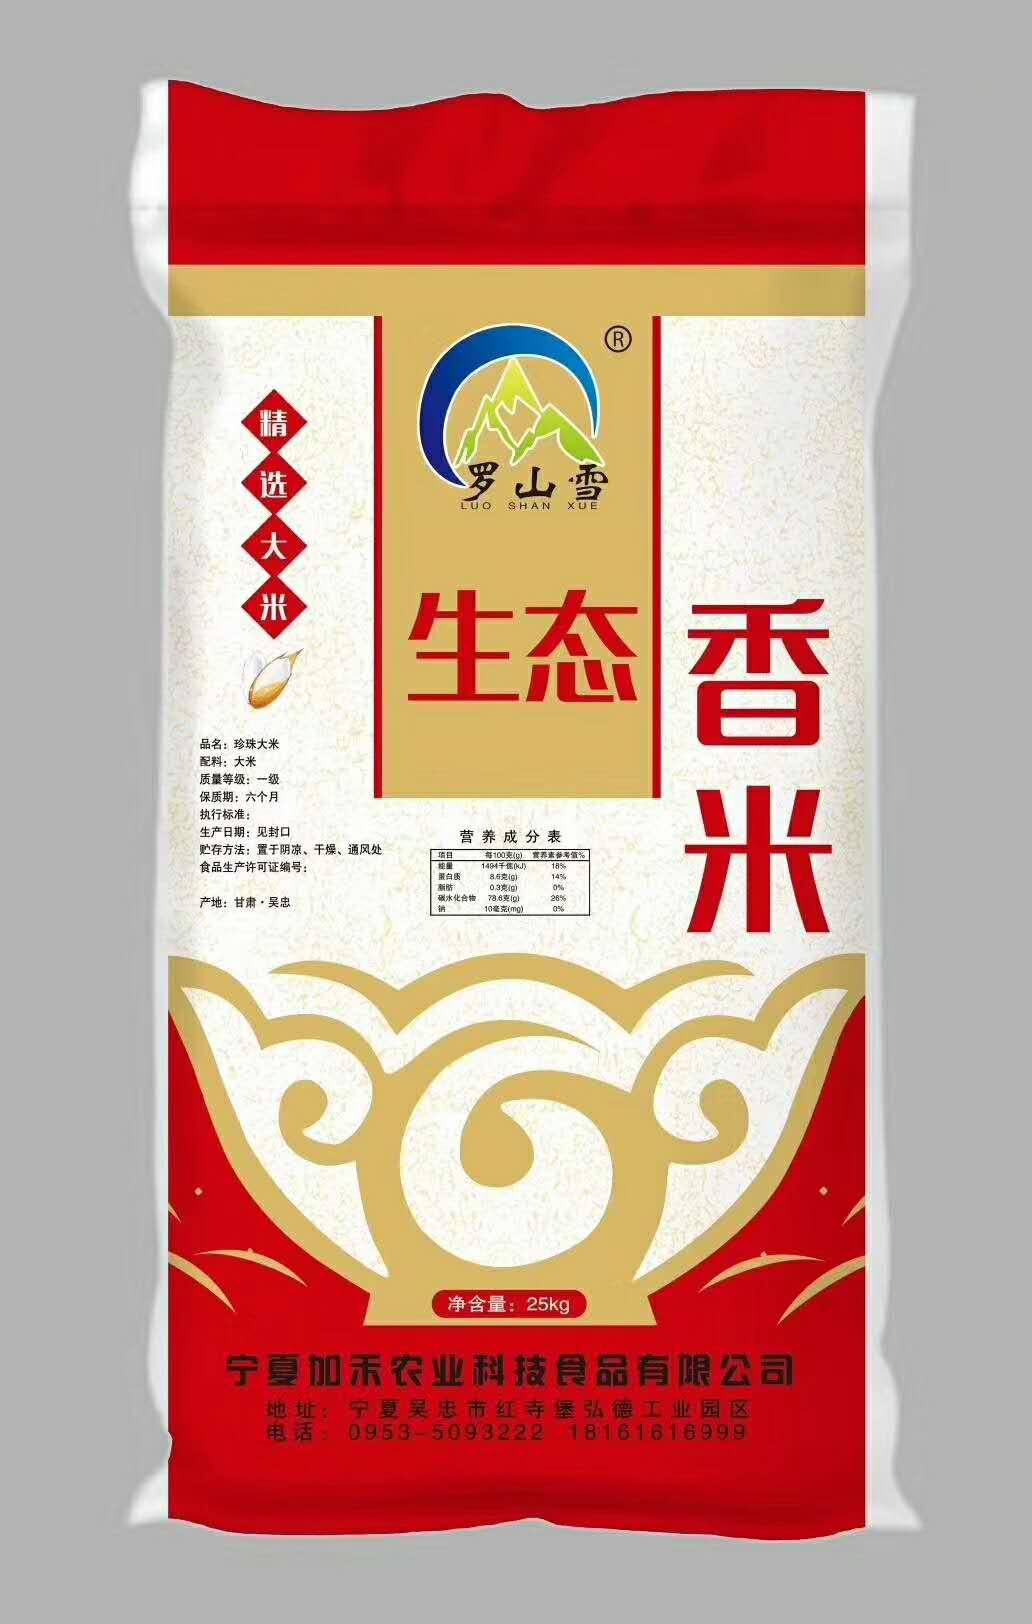 中卫加禾农业生态香米-宁夏生态香米怎么加盟